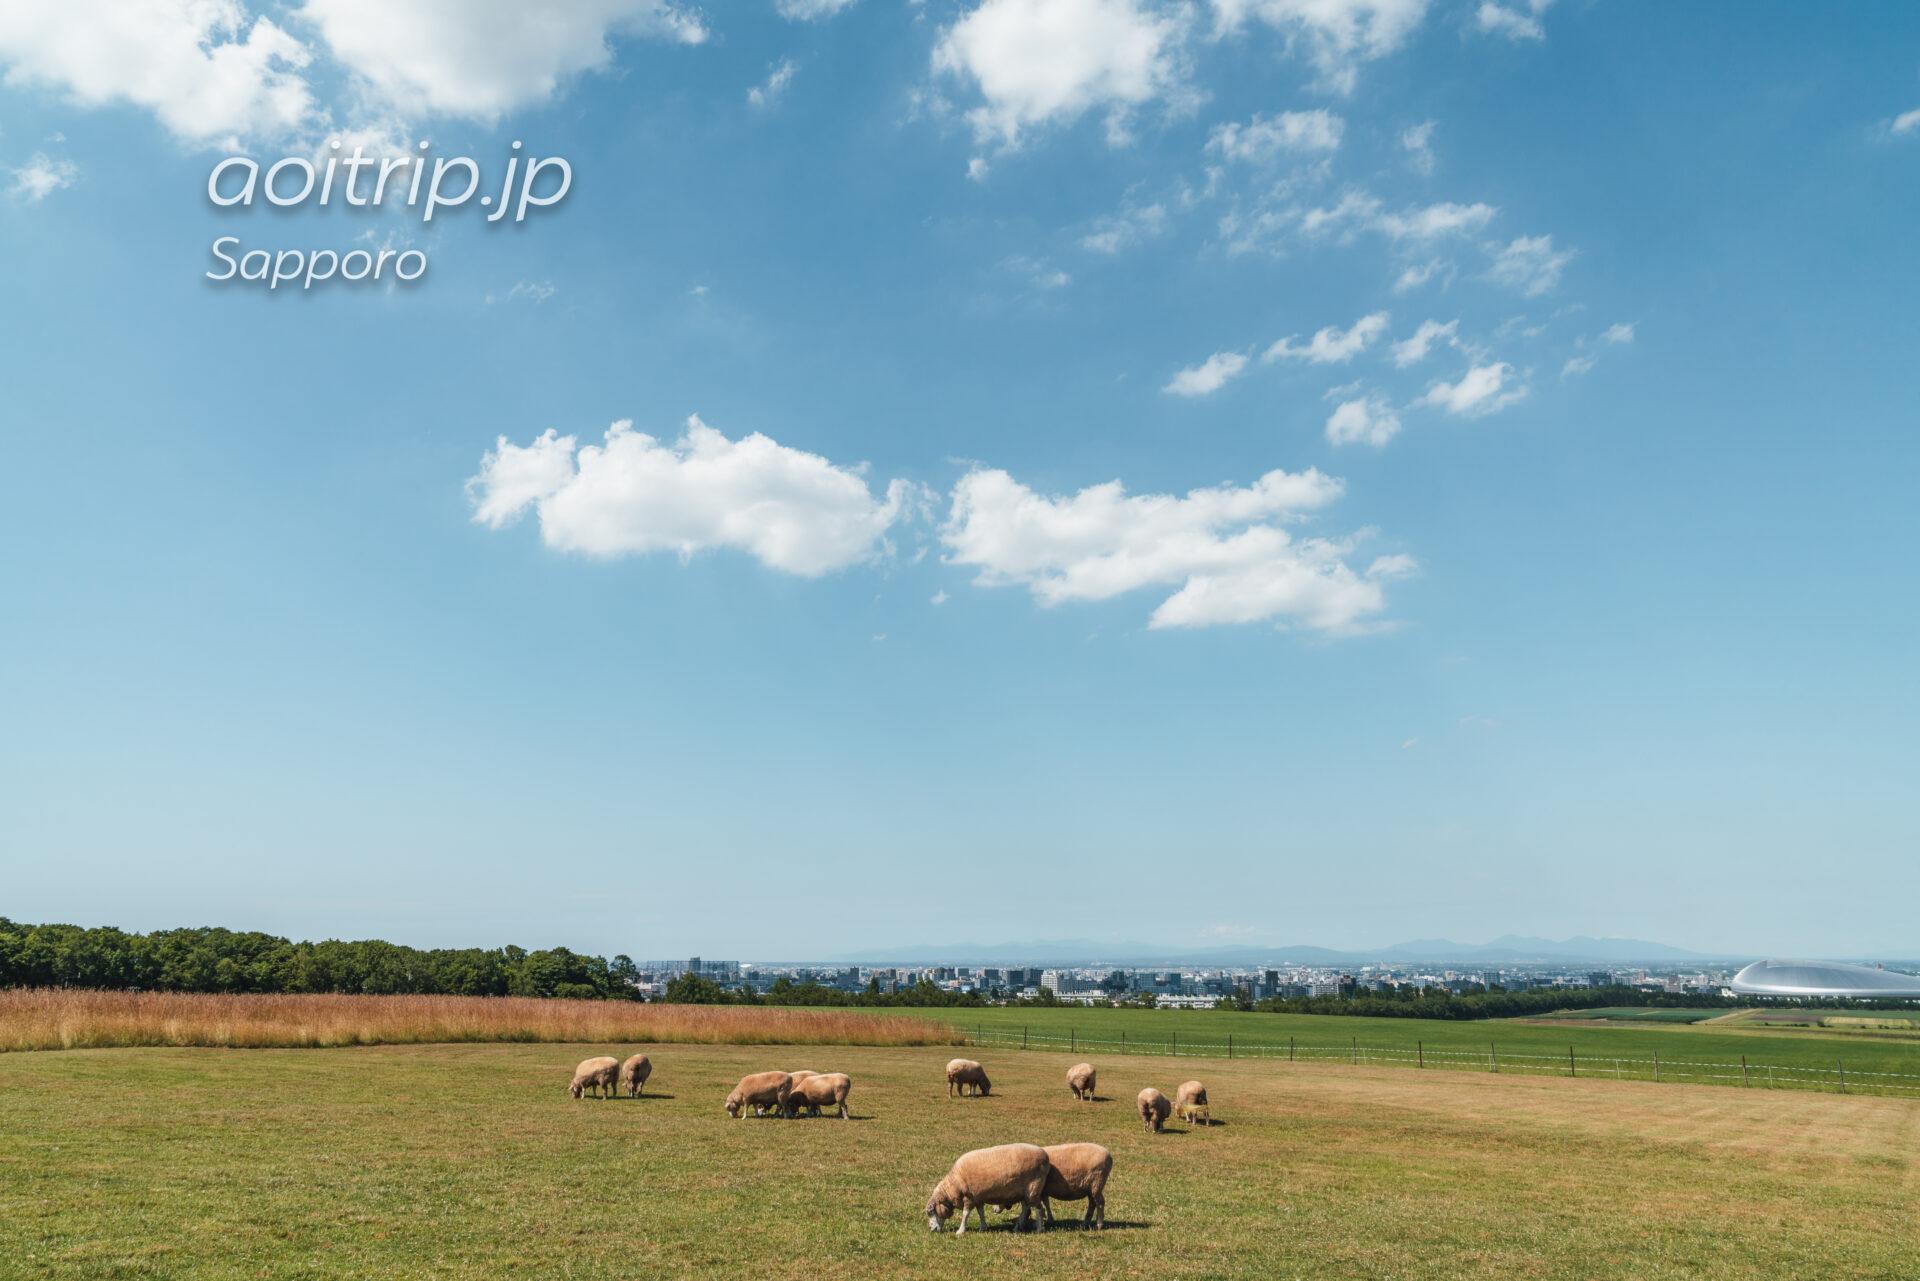 さっぽろ羊ヶ丘展望台 羊の群れ